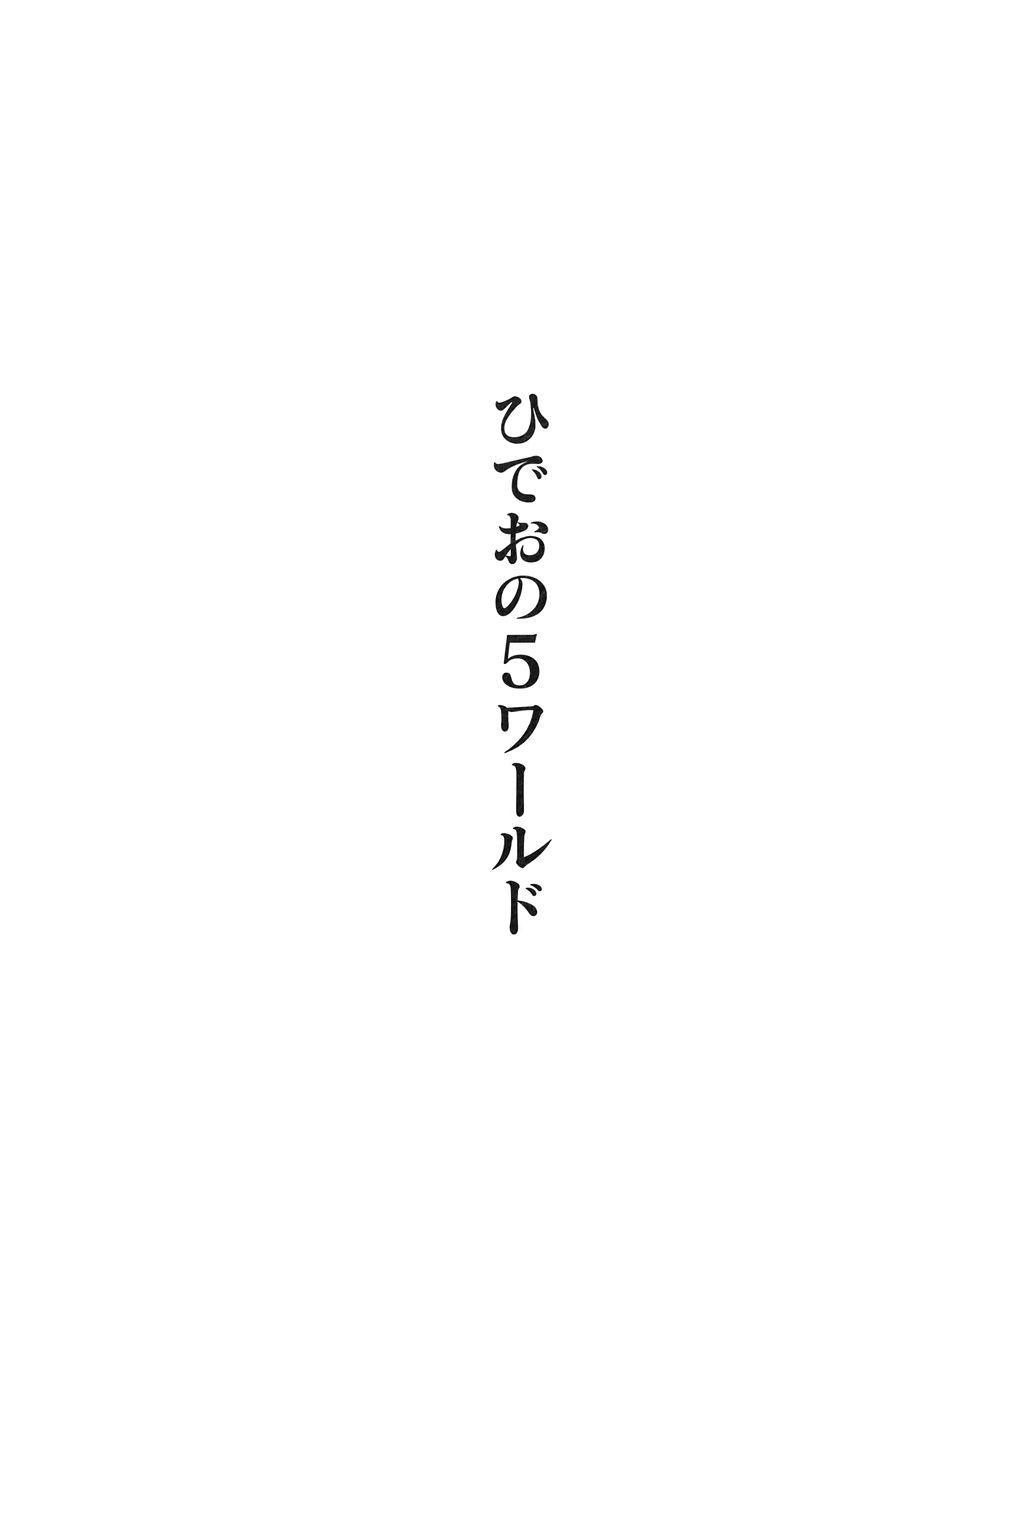 Azuma Hideo Sakuhin Shuusei - Yoru no Tobari no Naka de 260